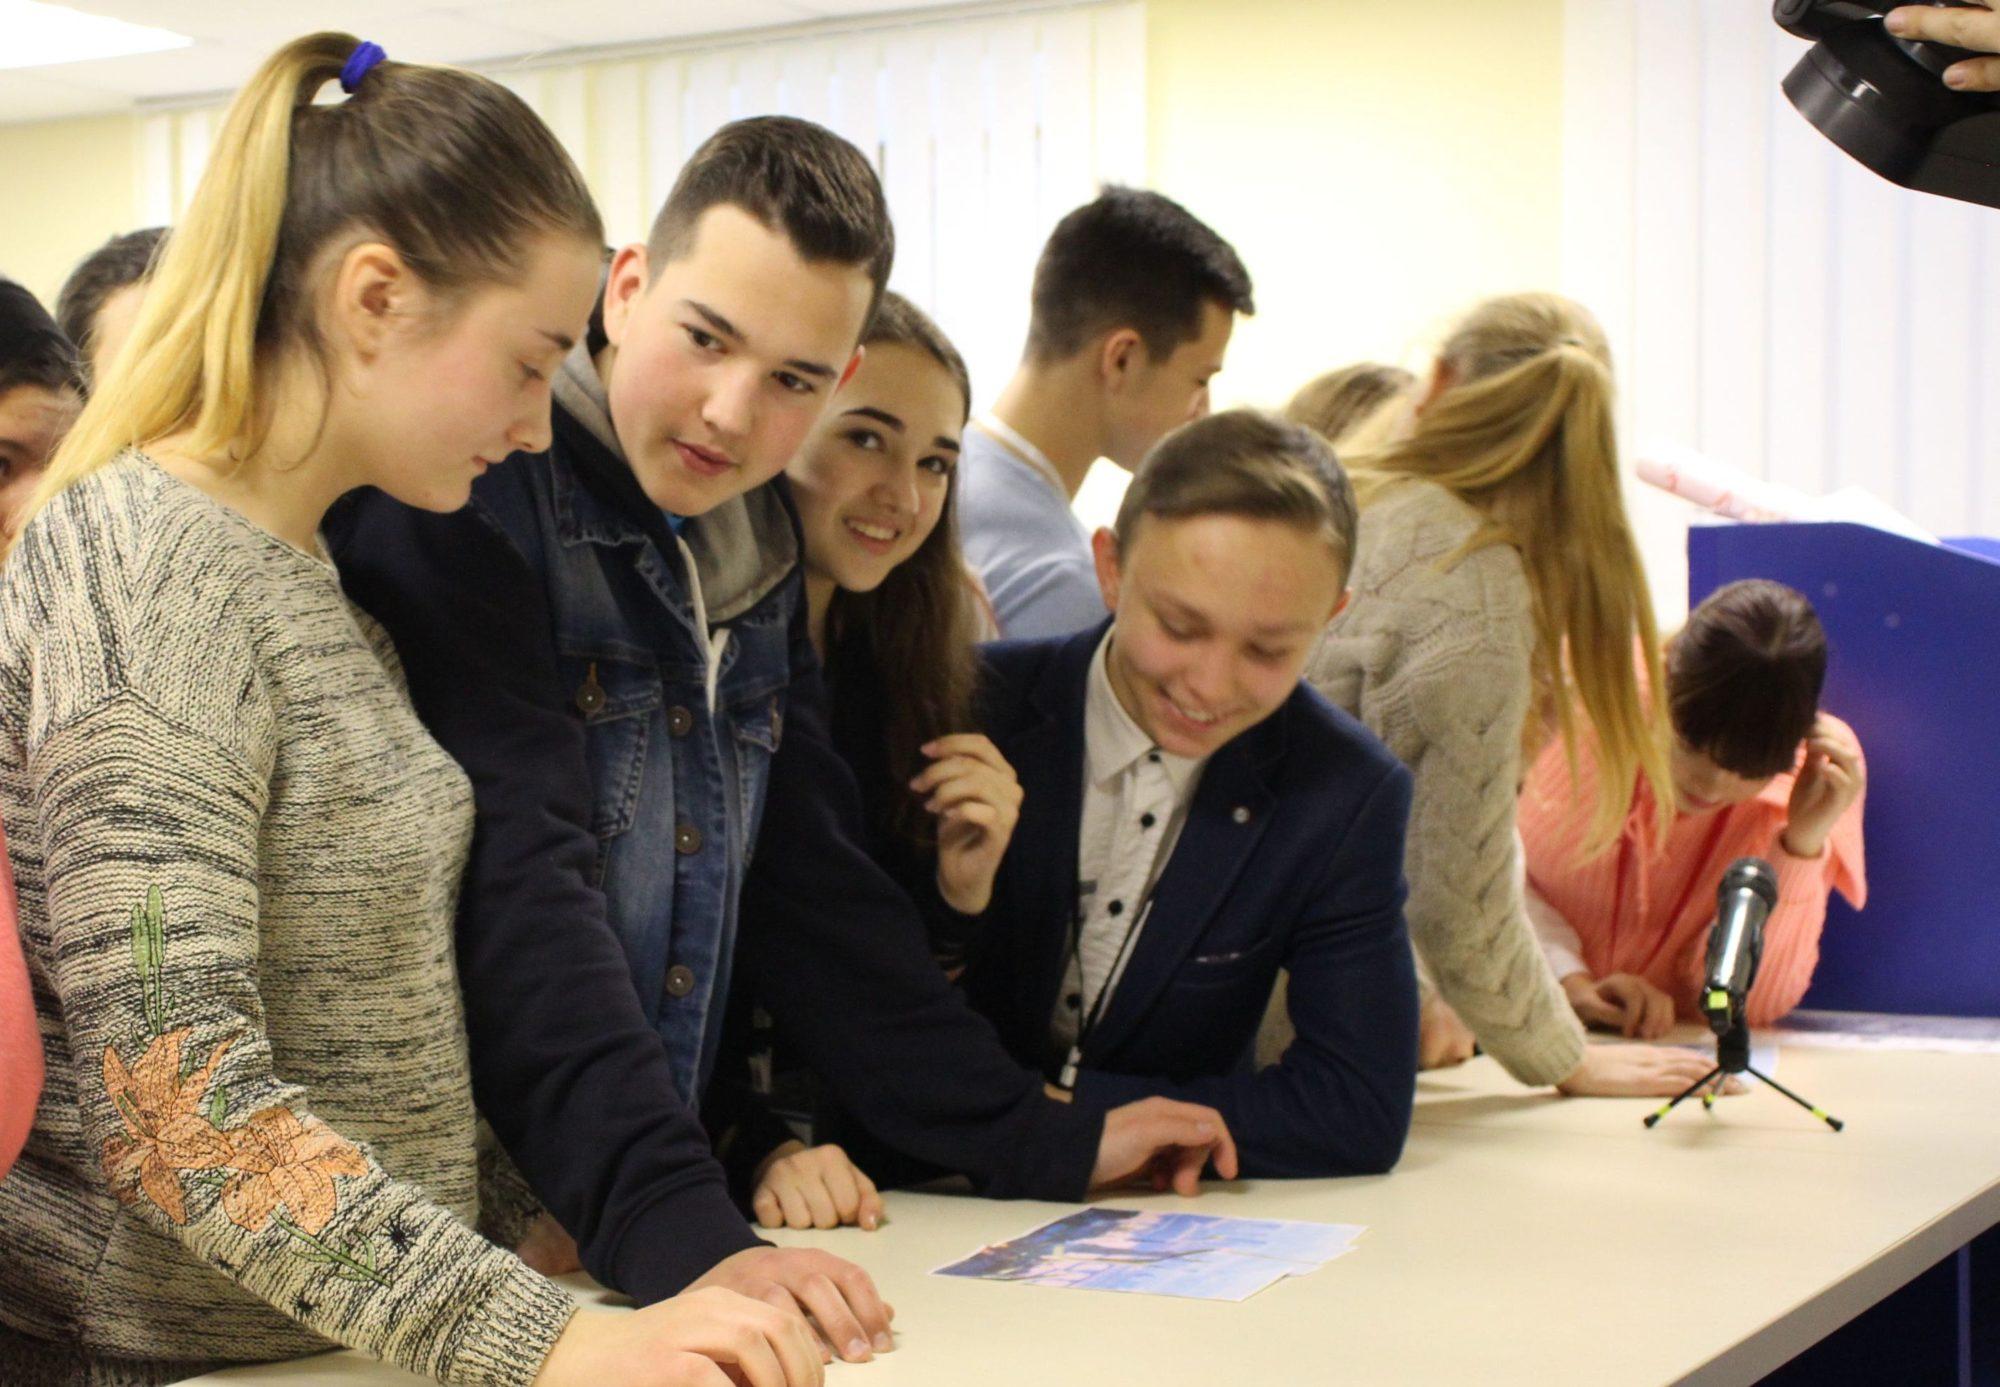 Стажування для молоді: законодавчі норми - стажування, молодь - stazhuvannya 2000x1387